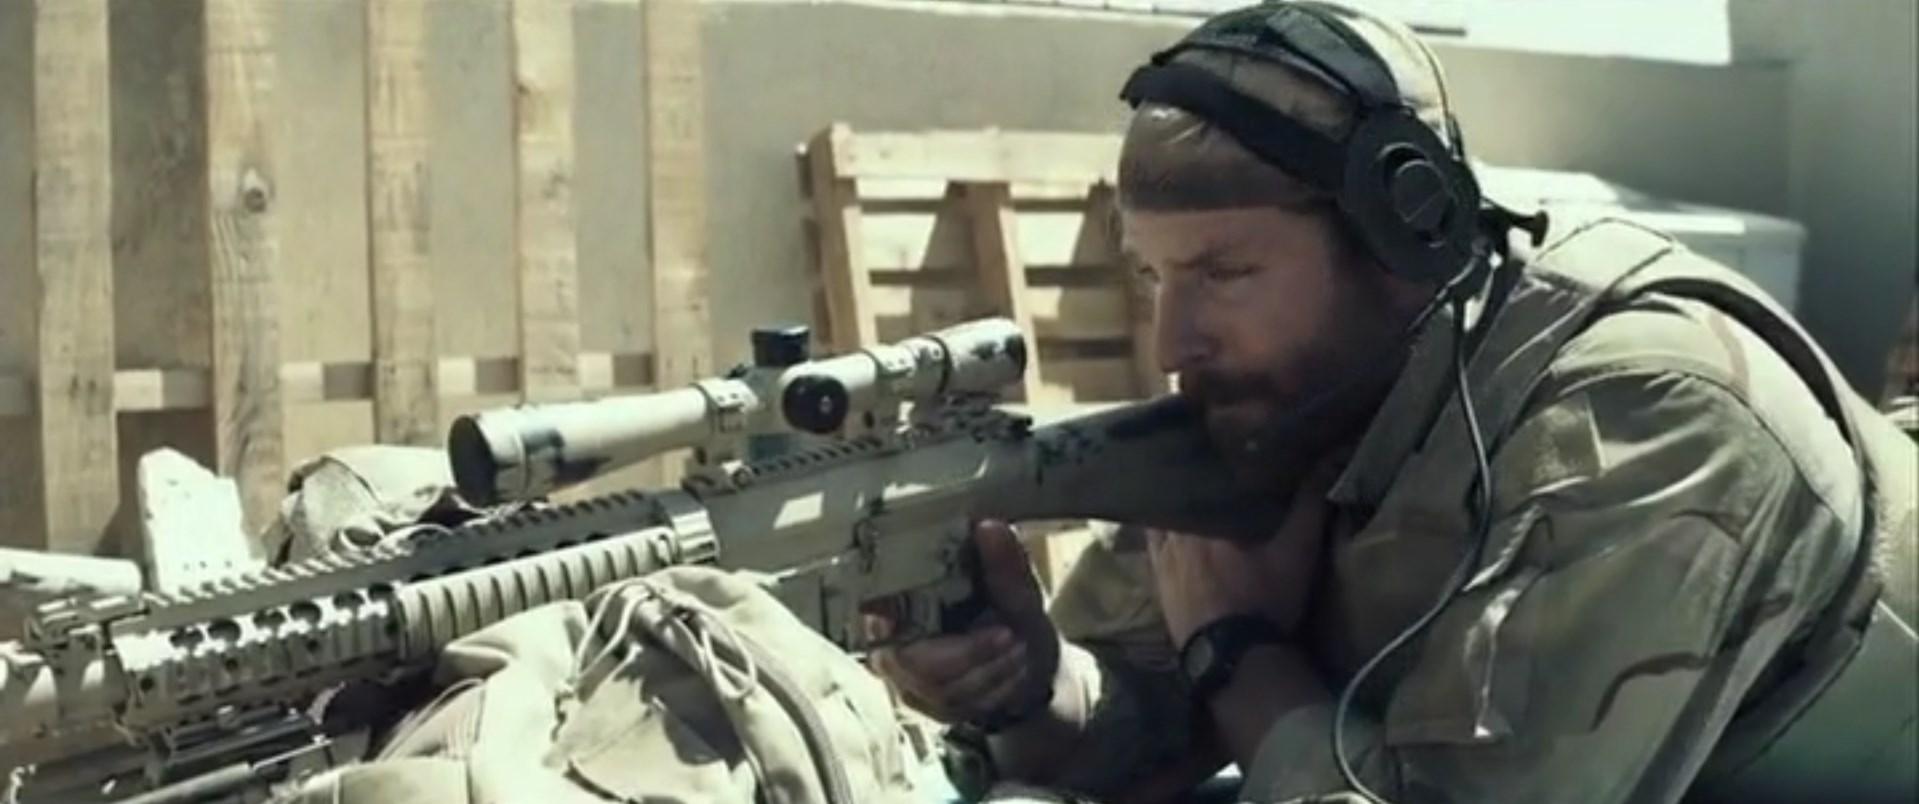 American Sniper Wallpaper HD - WallpaperSafari